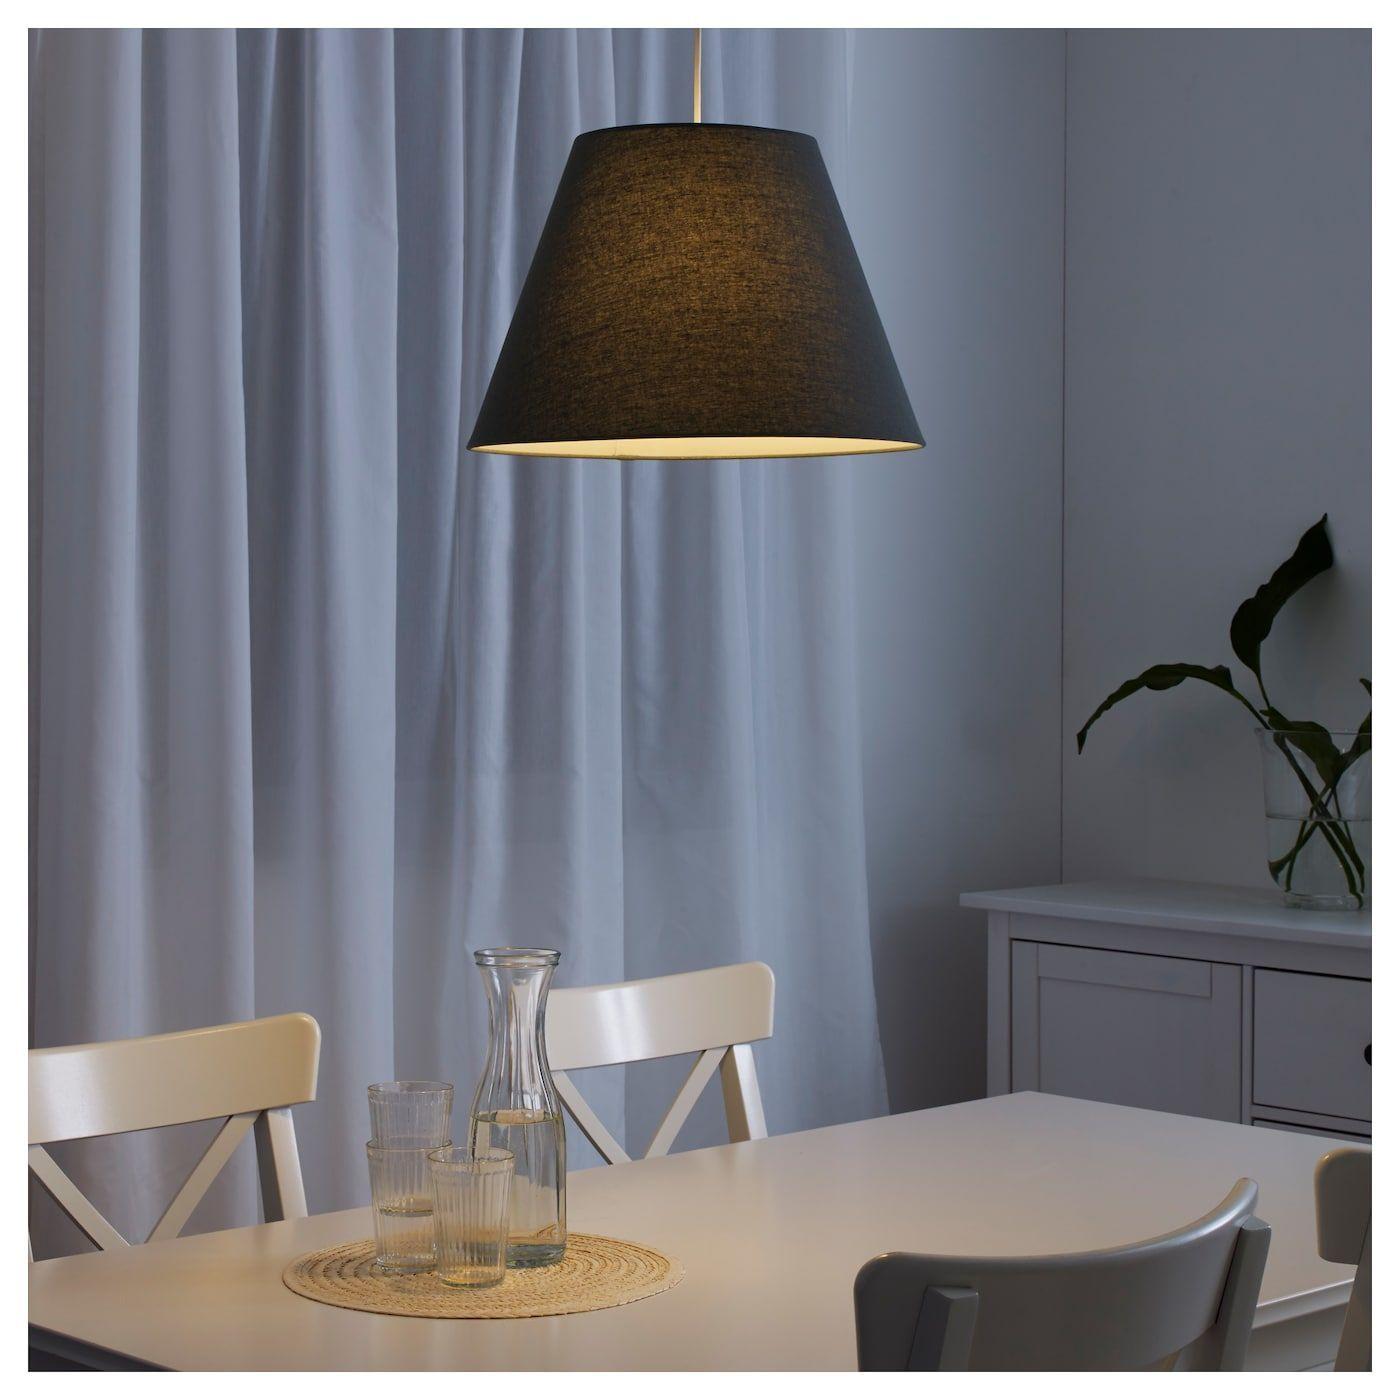 Full Size of Wohnzimmer Lampe Ikea Lampen Decke Leuchten Stehend Von Frisch Wandtattoo Badezimmer Dekoration Deckenlampe Betten Bei Vorhänge Fototapeten Landhausstil Wohnzimmer Wohnzimmer Lampe Ikea